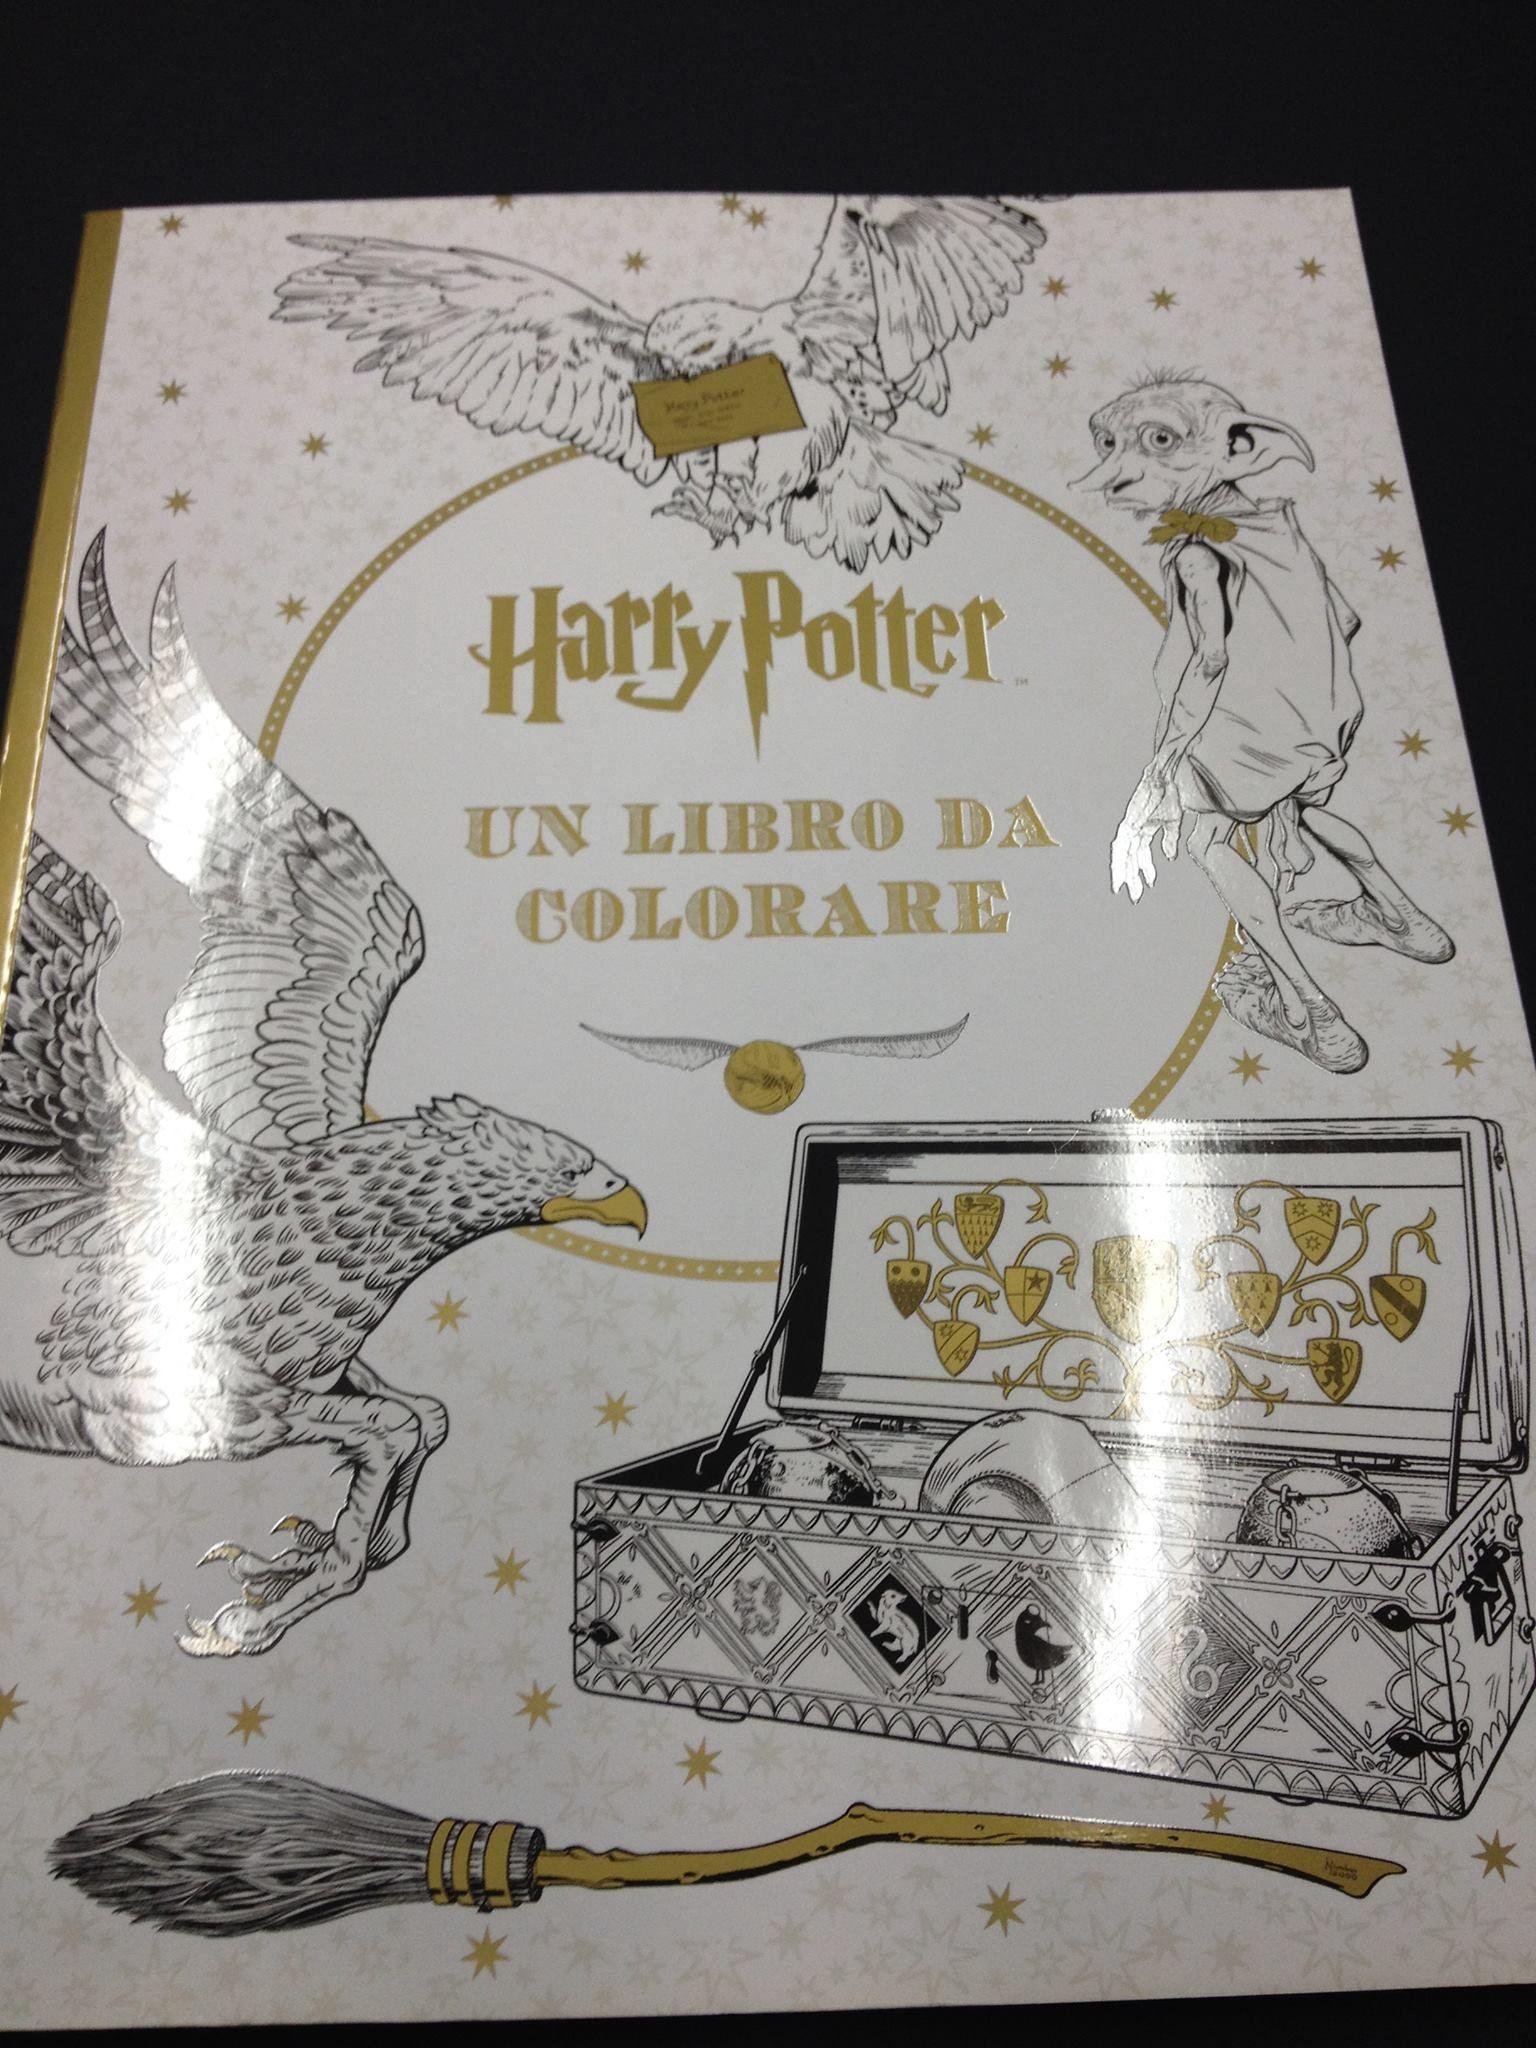 Harry Potter Un Libro Da Colorare Arttherapy Colourtherapy Colouringbook Art